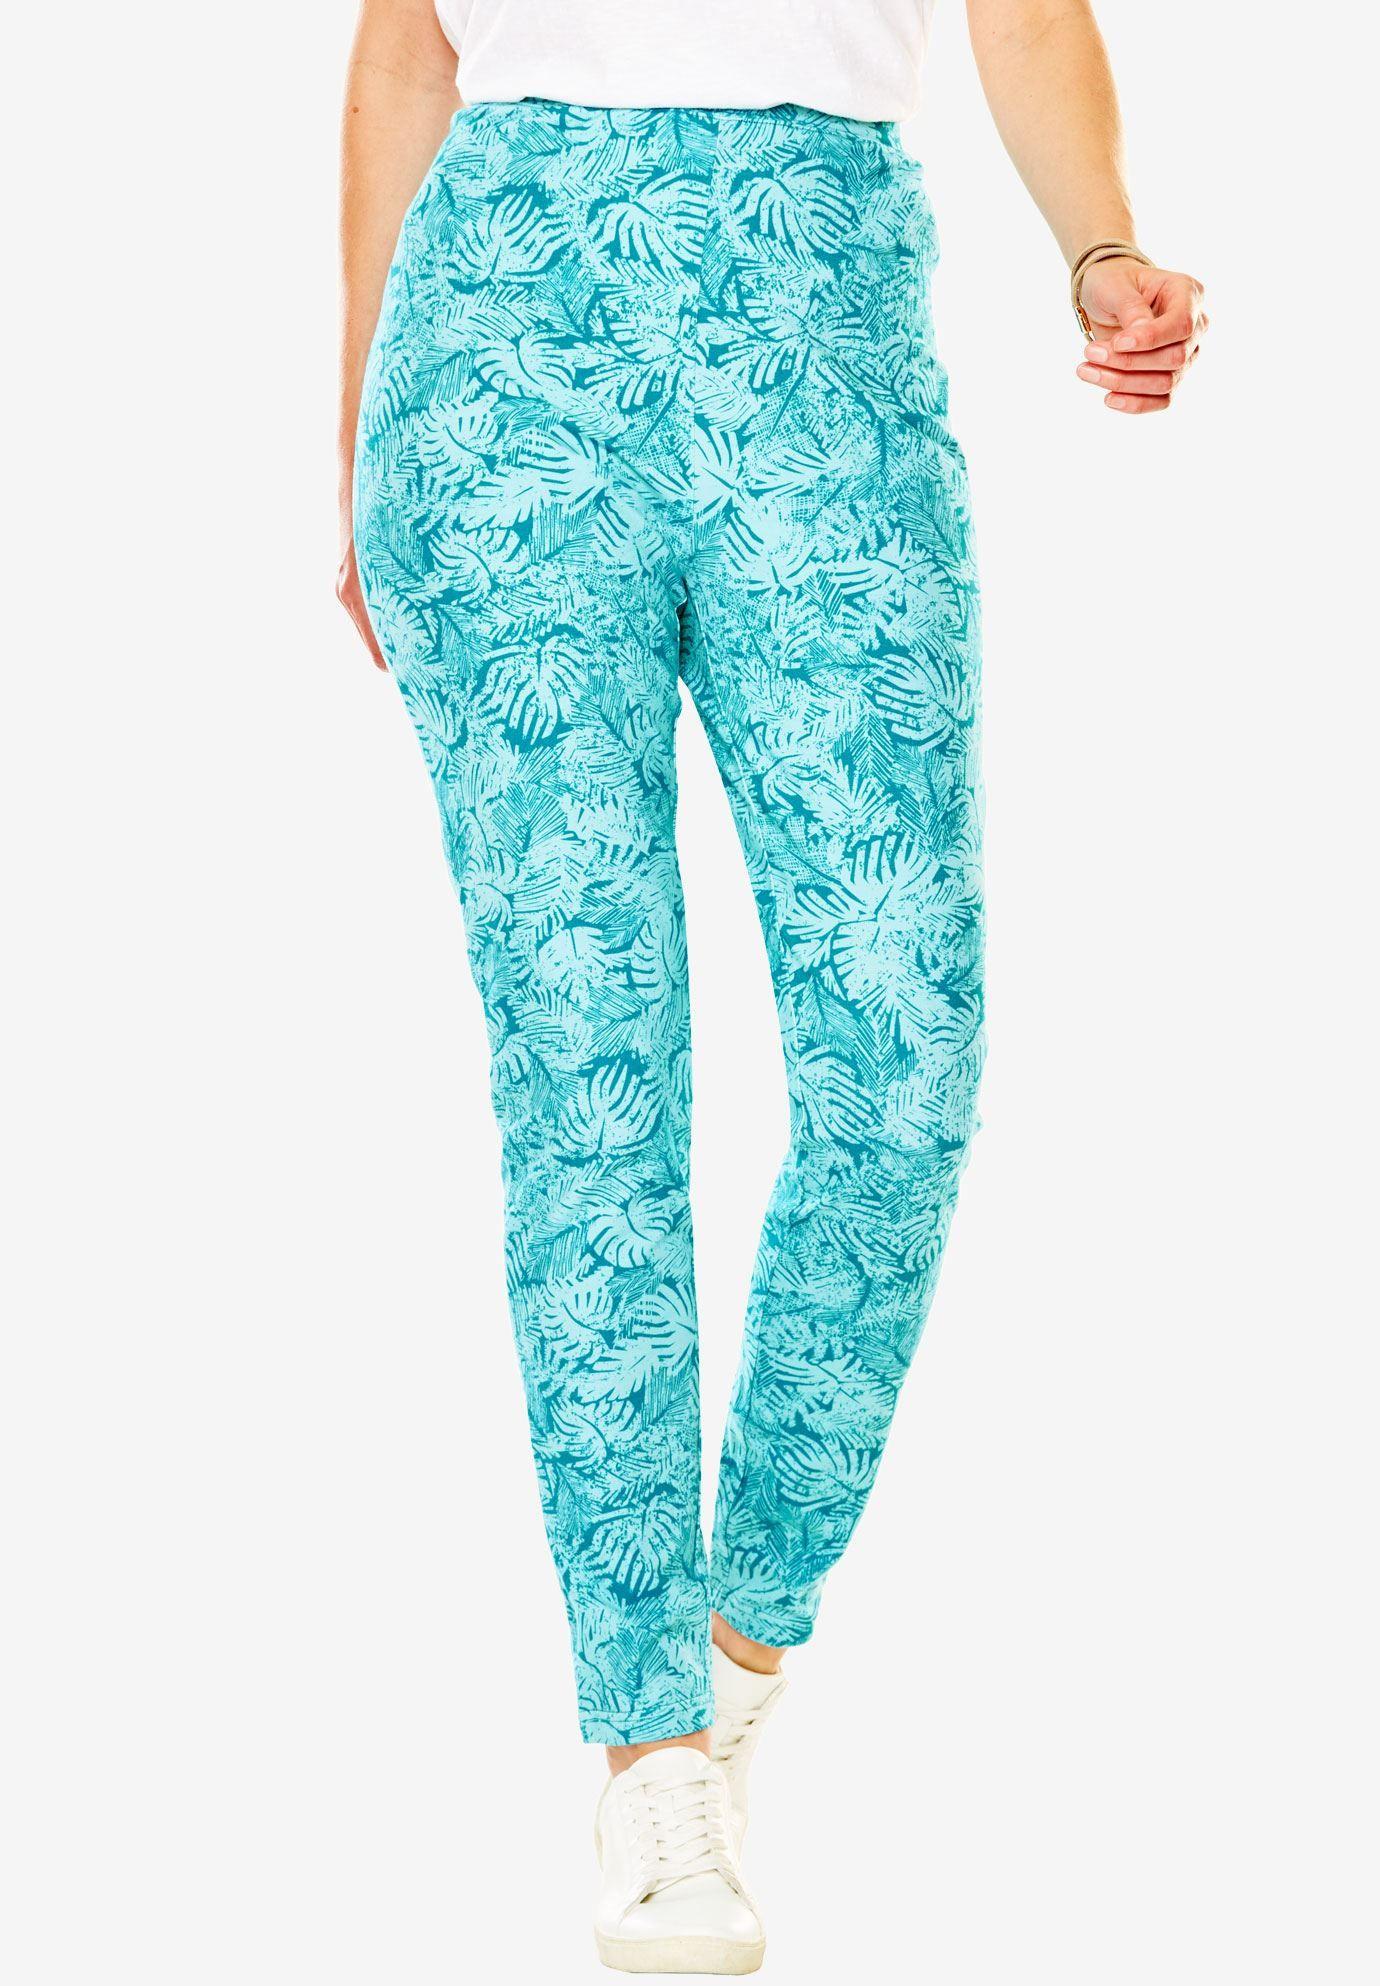 1ee144e2de5 Stretch Cotton Printed Legging